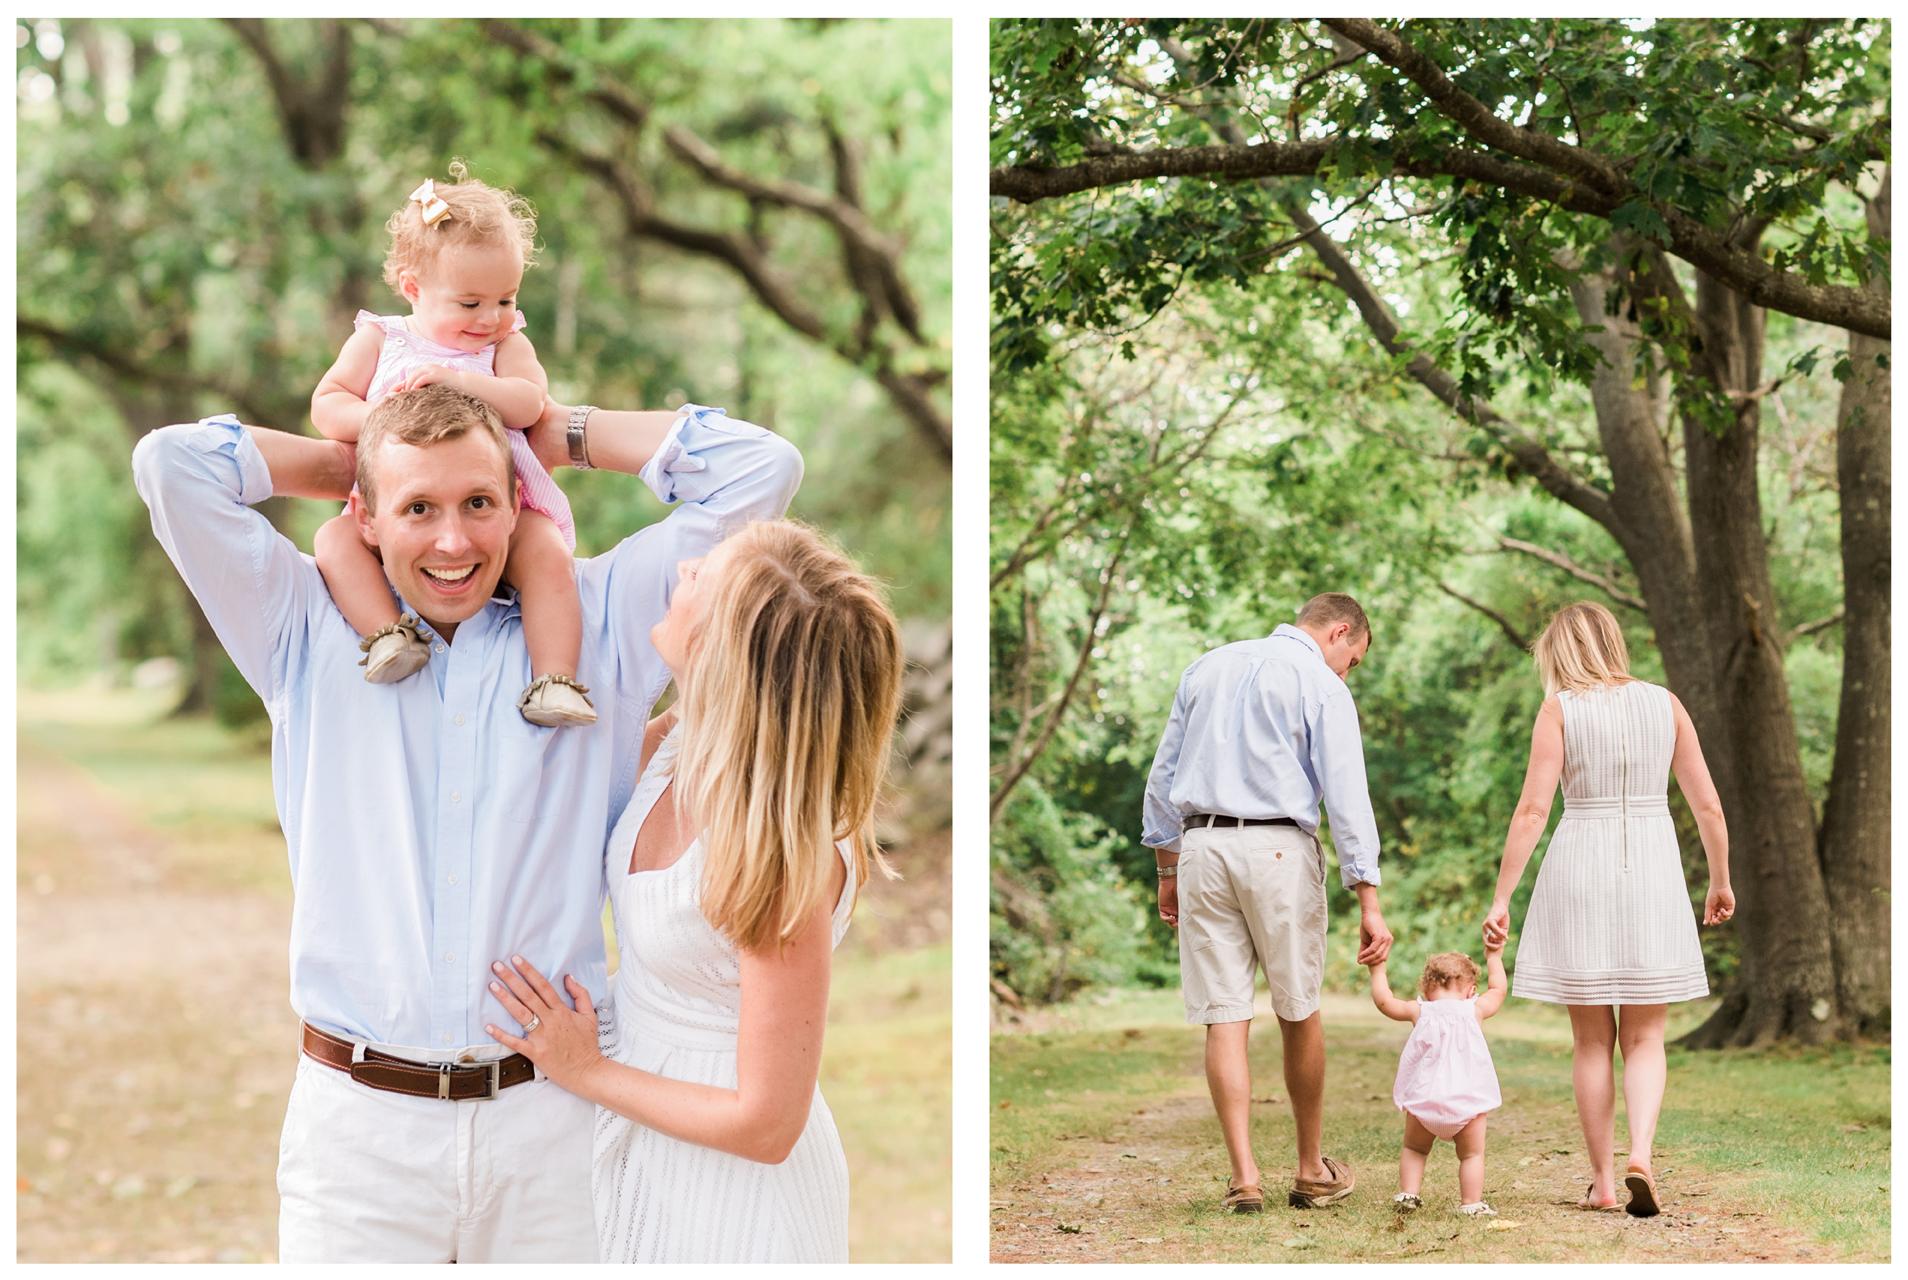 Family-Photographer-Sweet-Light-Portraits83.jpg